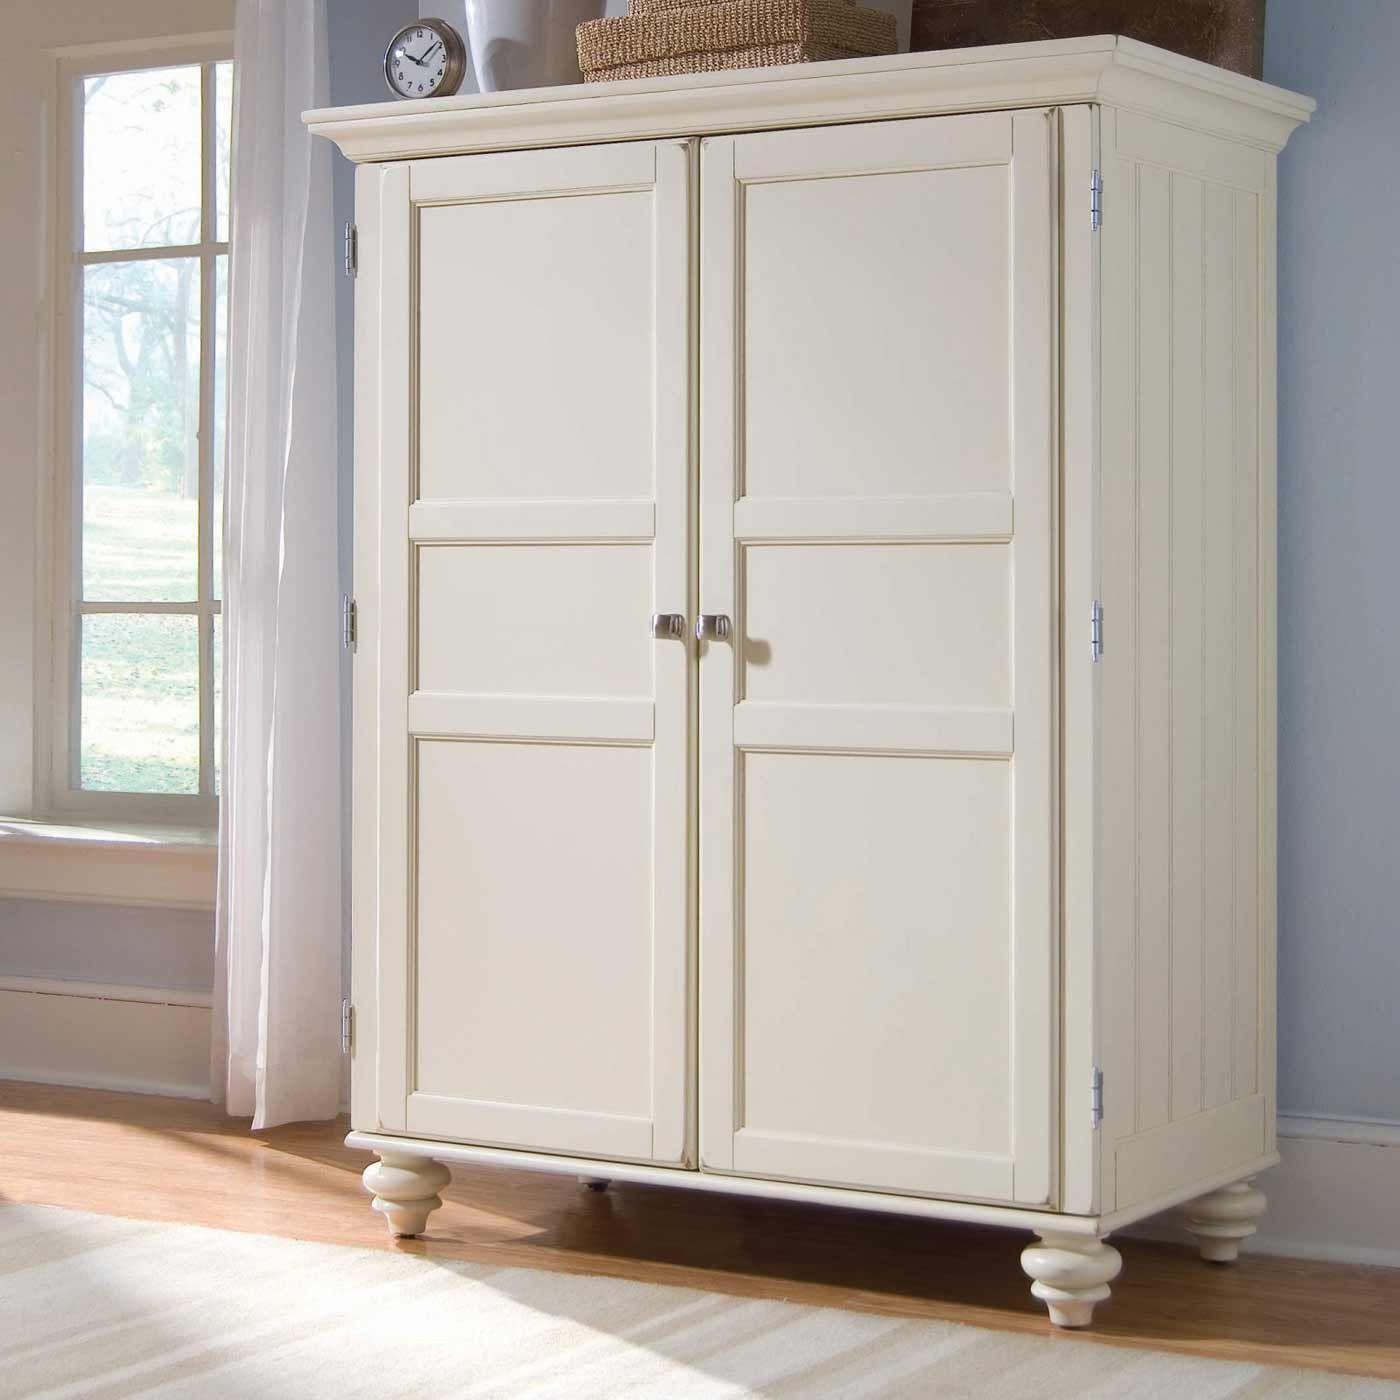 White Wardrobe Cabinet